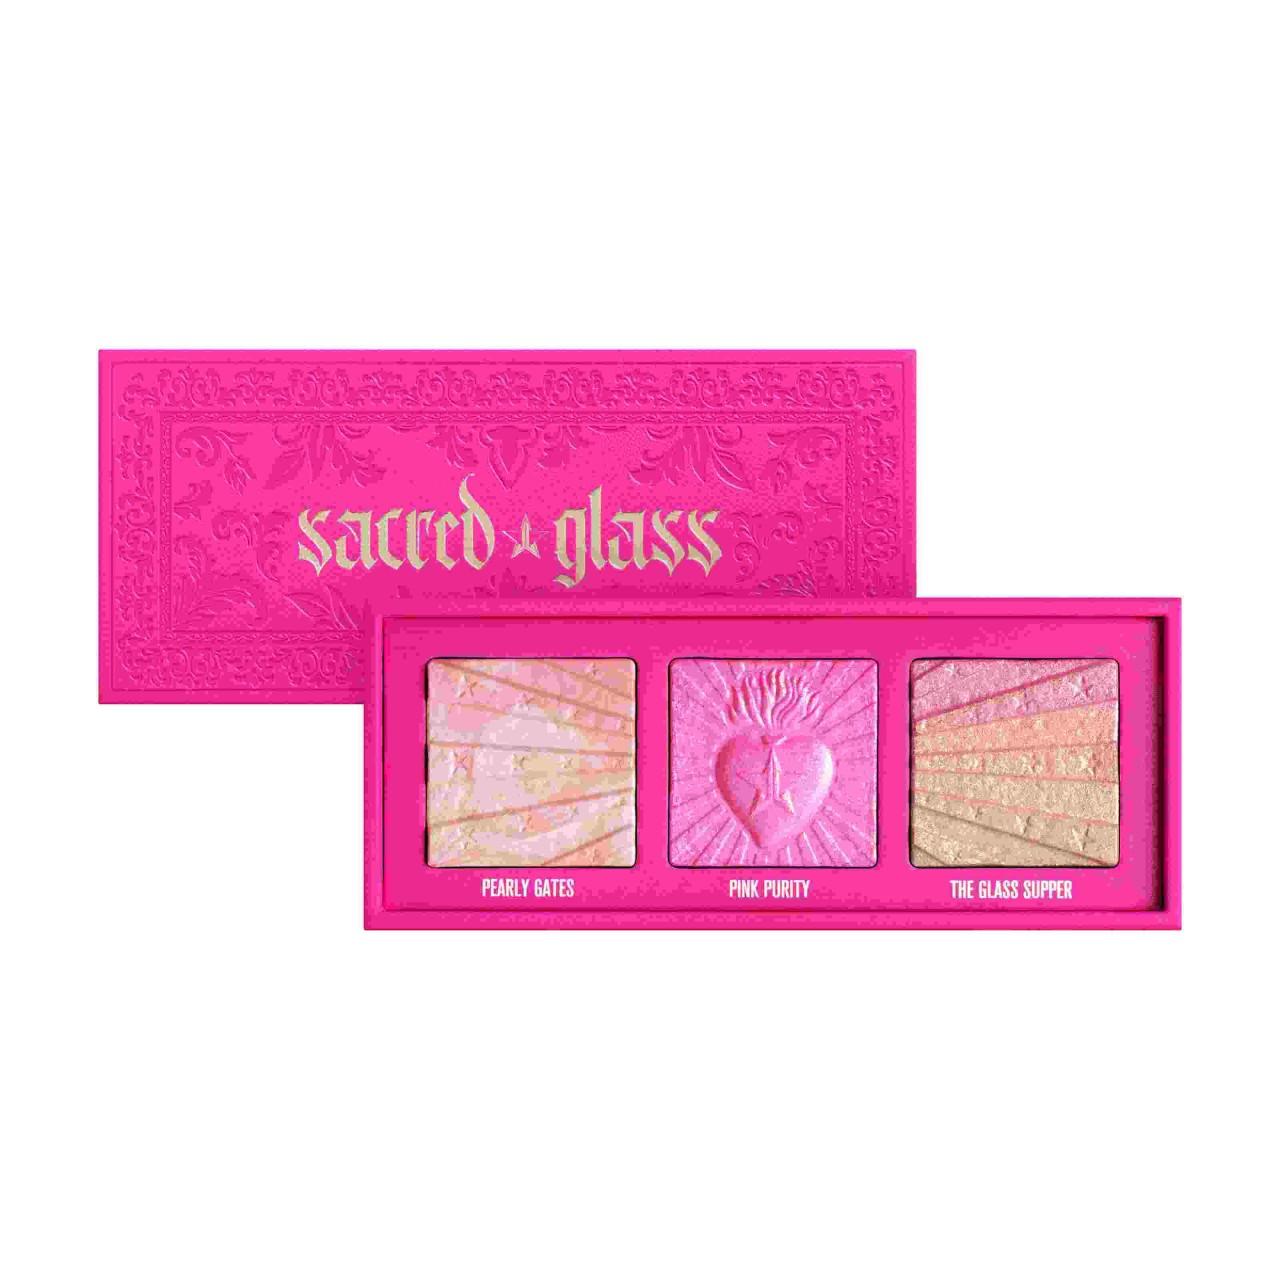 Jeffree Star Sacred Glass Trio Palette